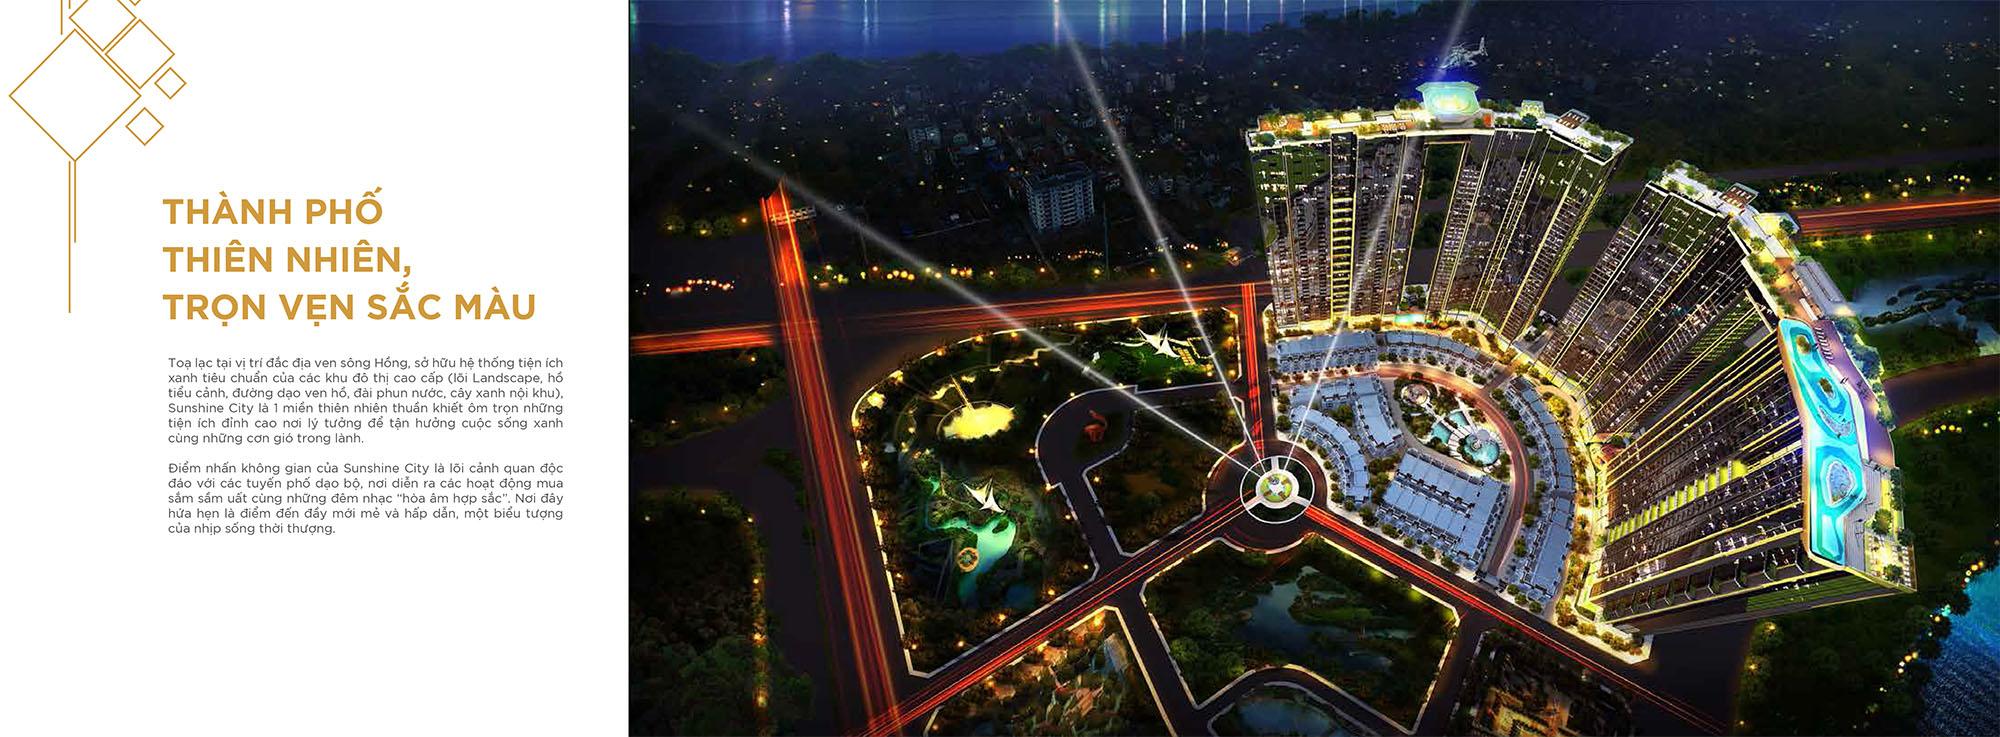 Chung cư Sunshine City Hồ Tây